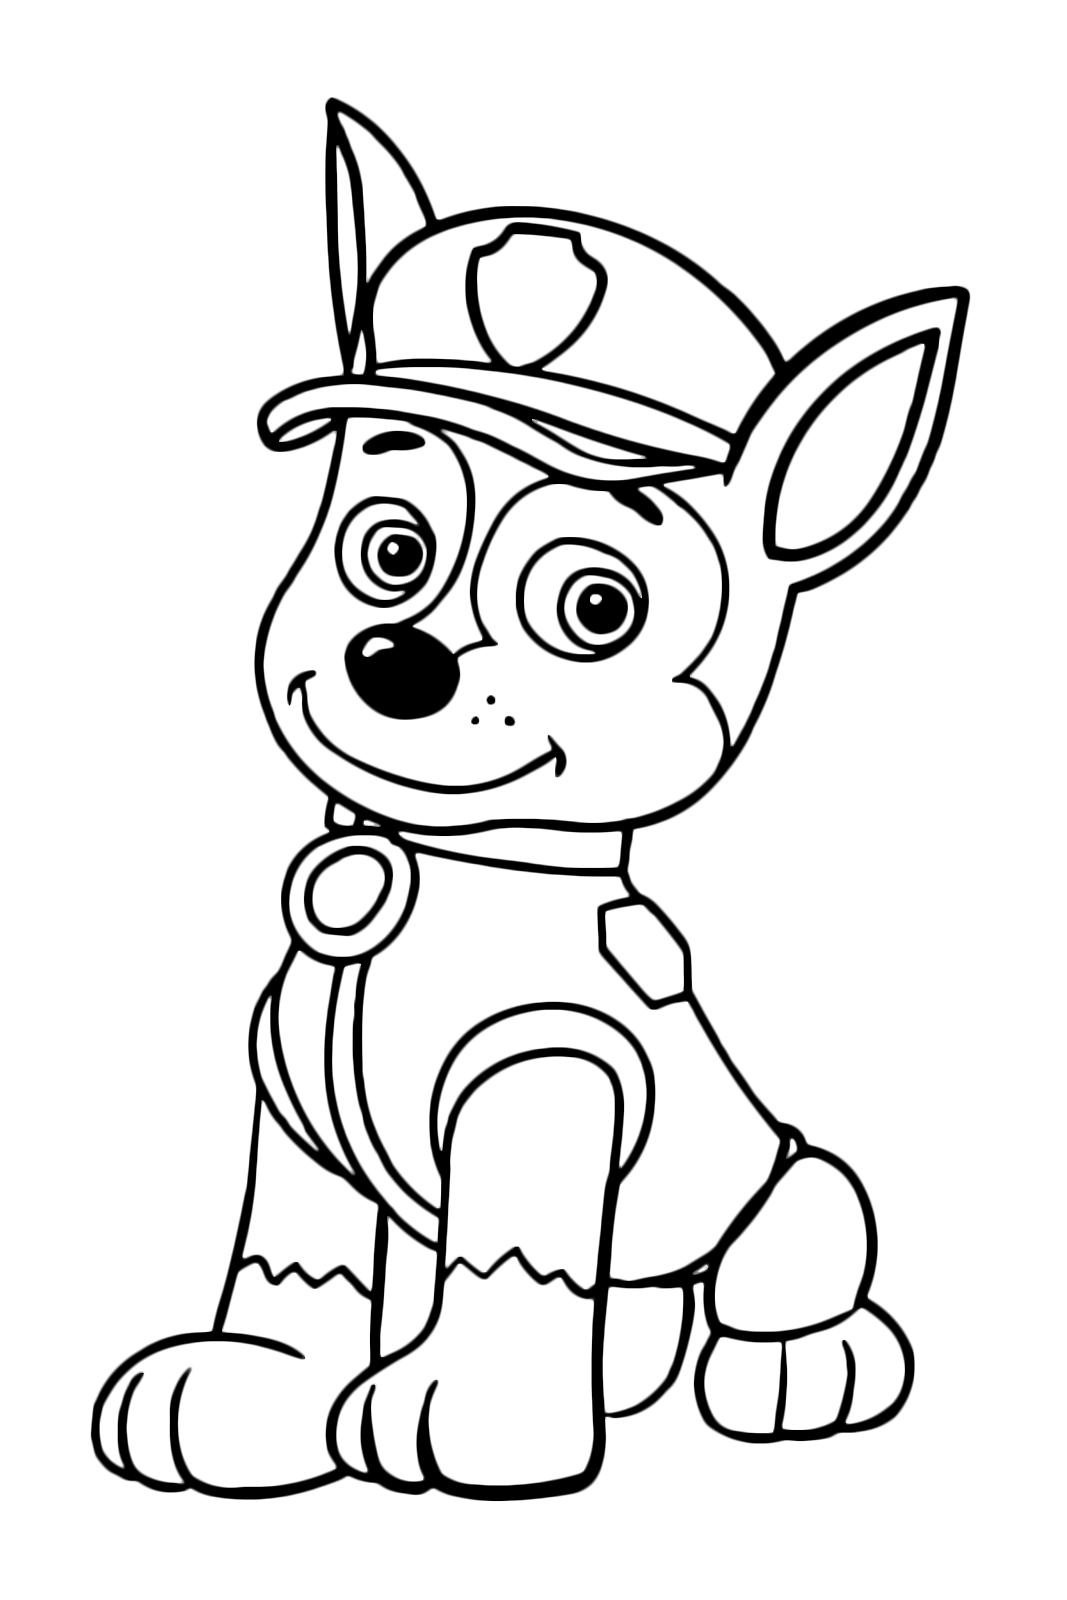 Paw Patrol Chase Il Cane Poliziotto Si Riposa Seduto